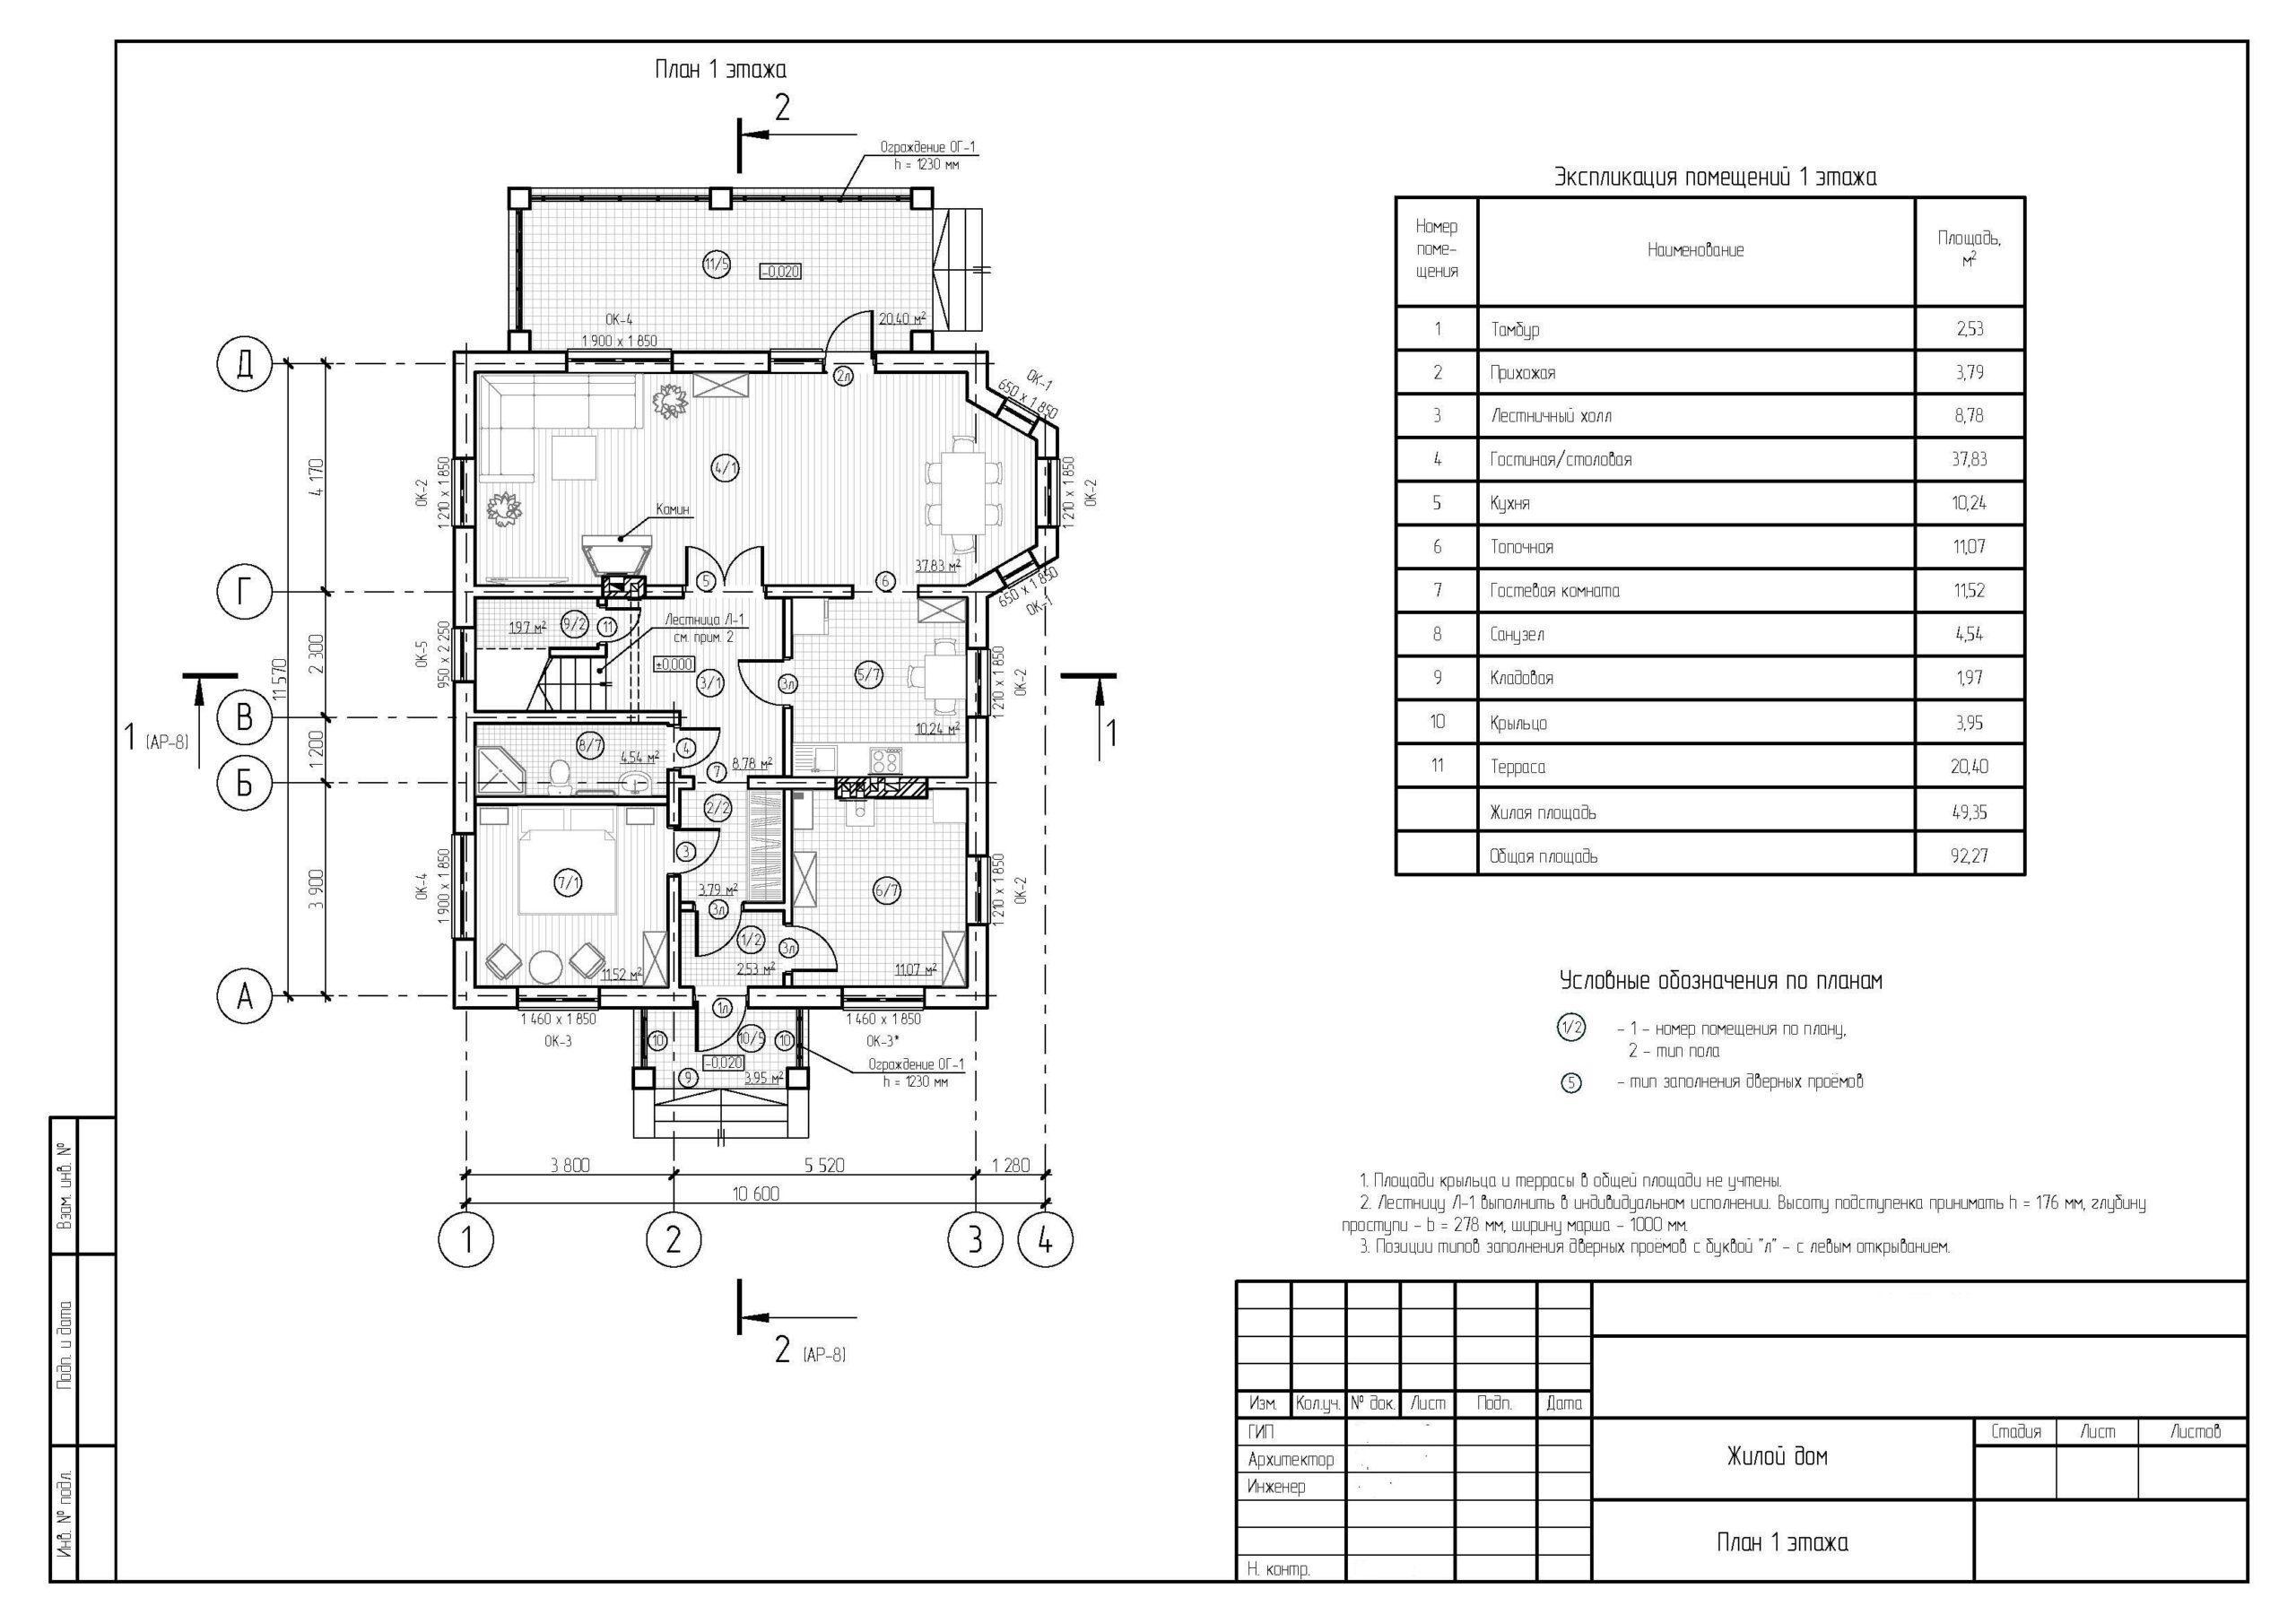 В техническом плане здания содержатся поэтажные планы. На них описывается местоположение всех помещений на этаже.